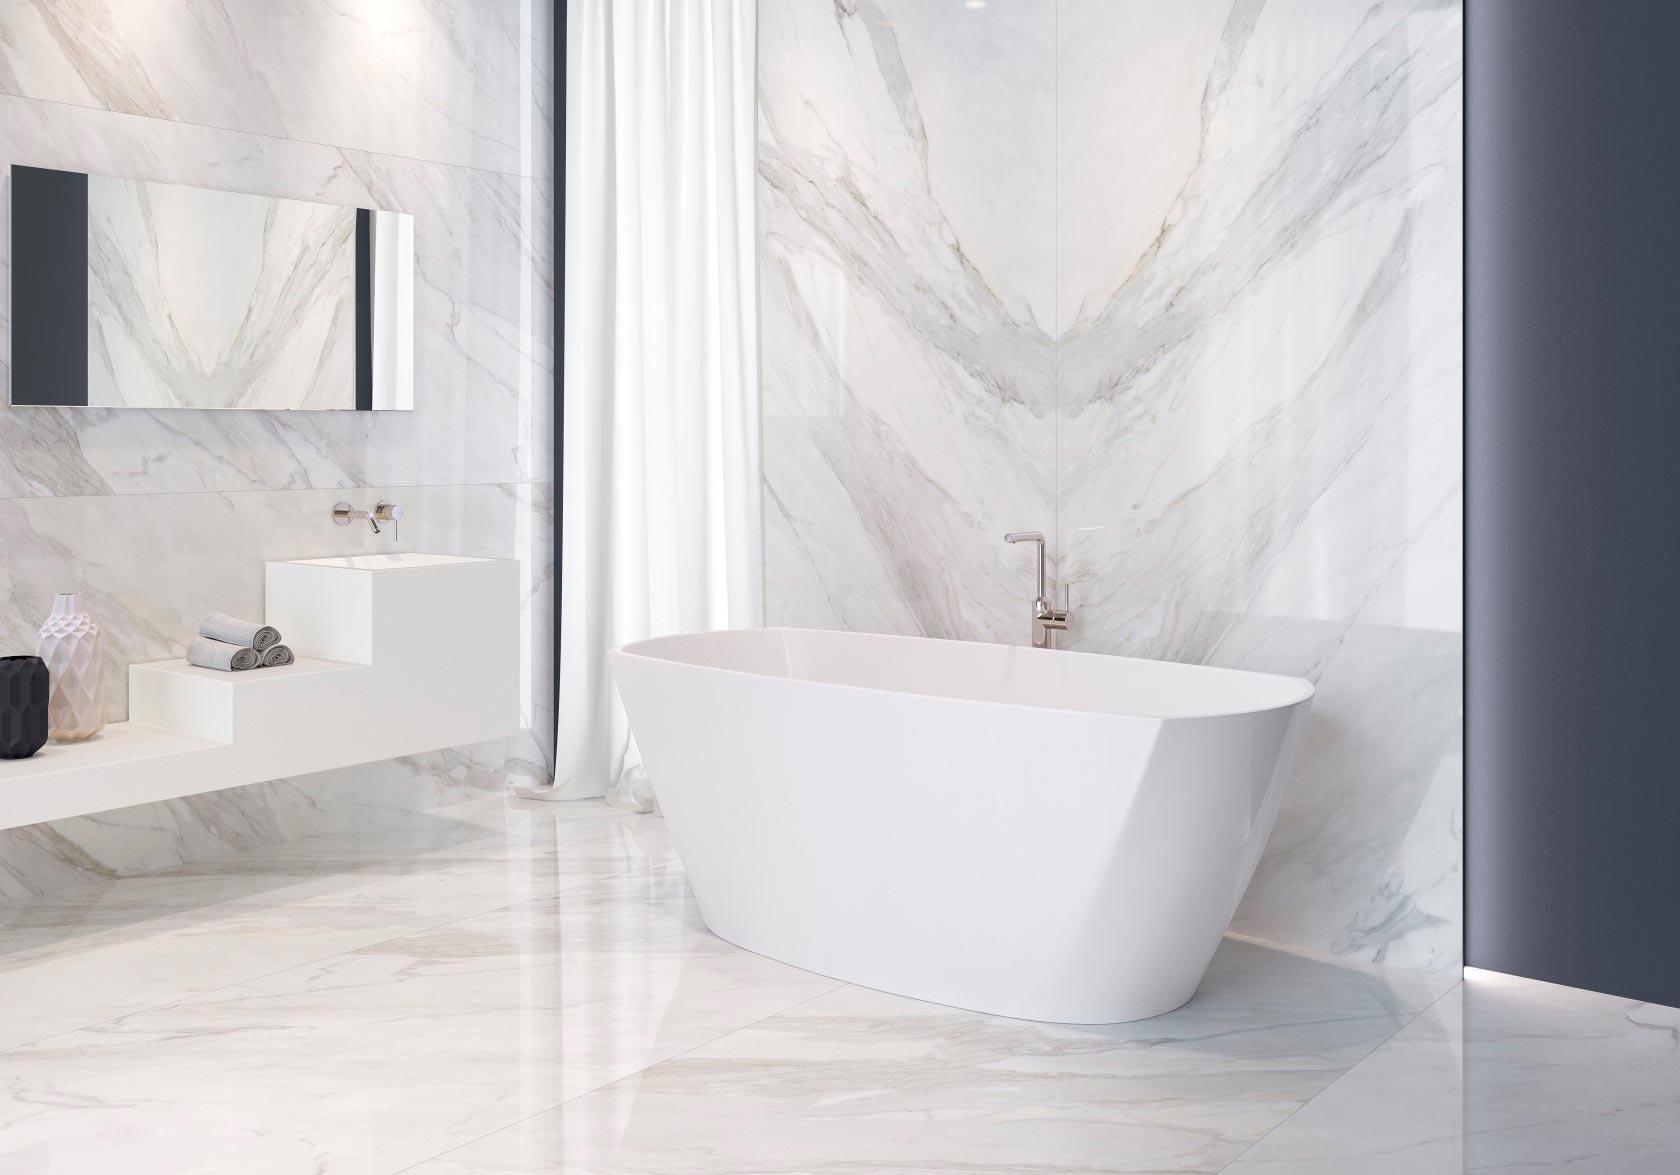 Какой цвет выбрать для плитки под мрамор в ванной 4